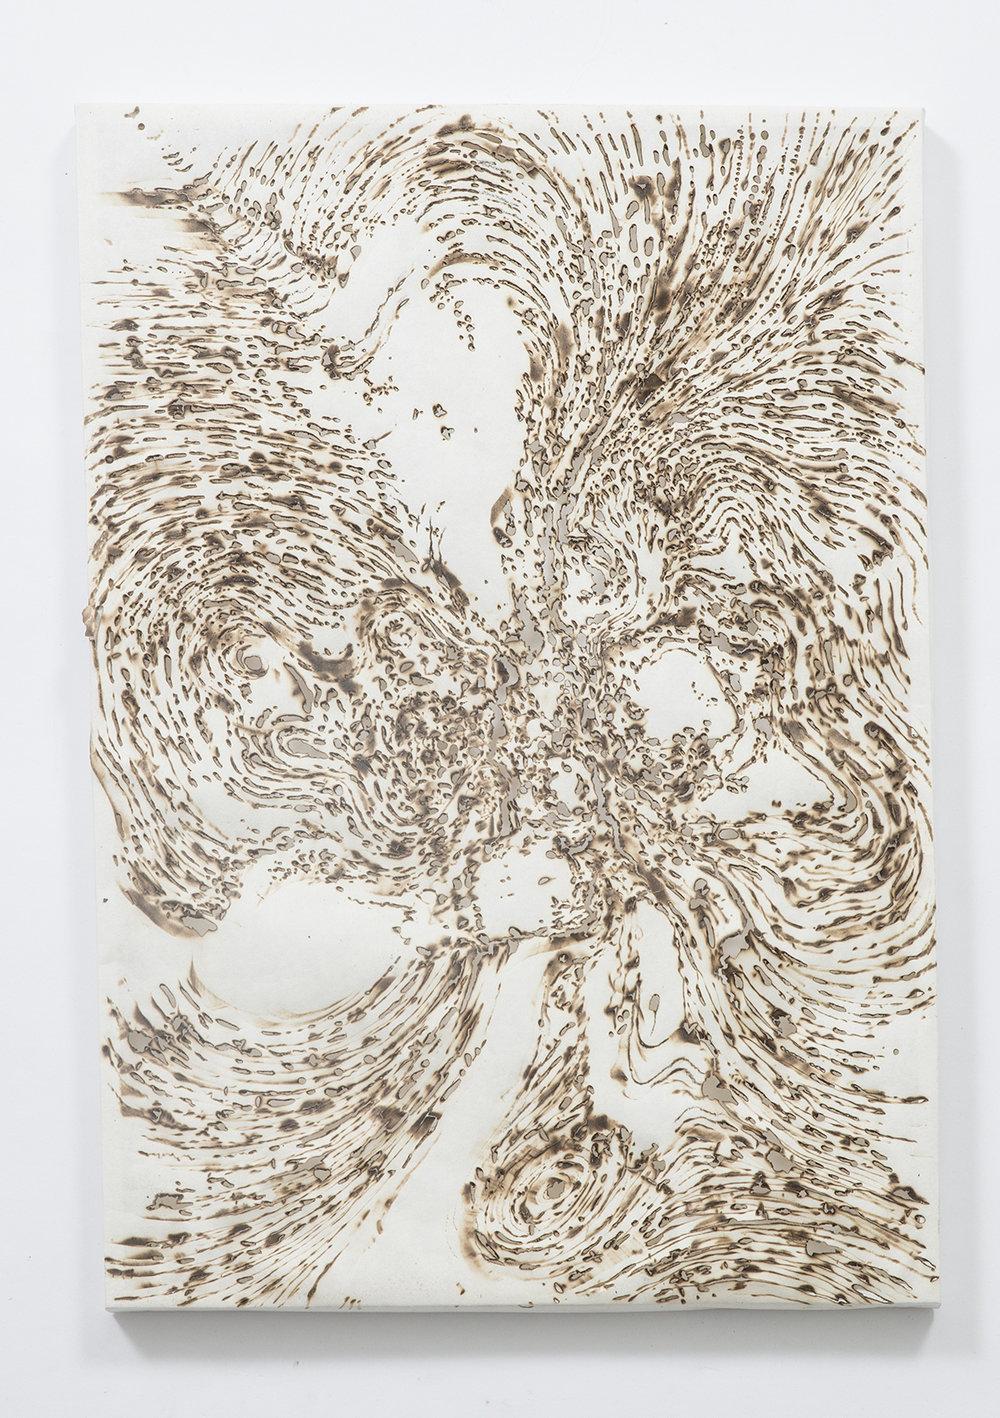 'Turbulence',burnt kozuke paper ,52 x 36 cm (2017)